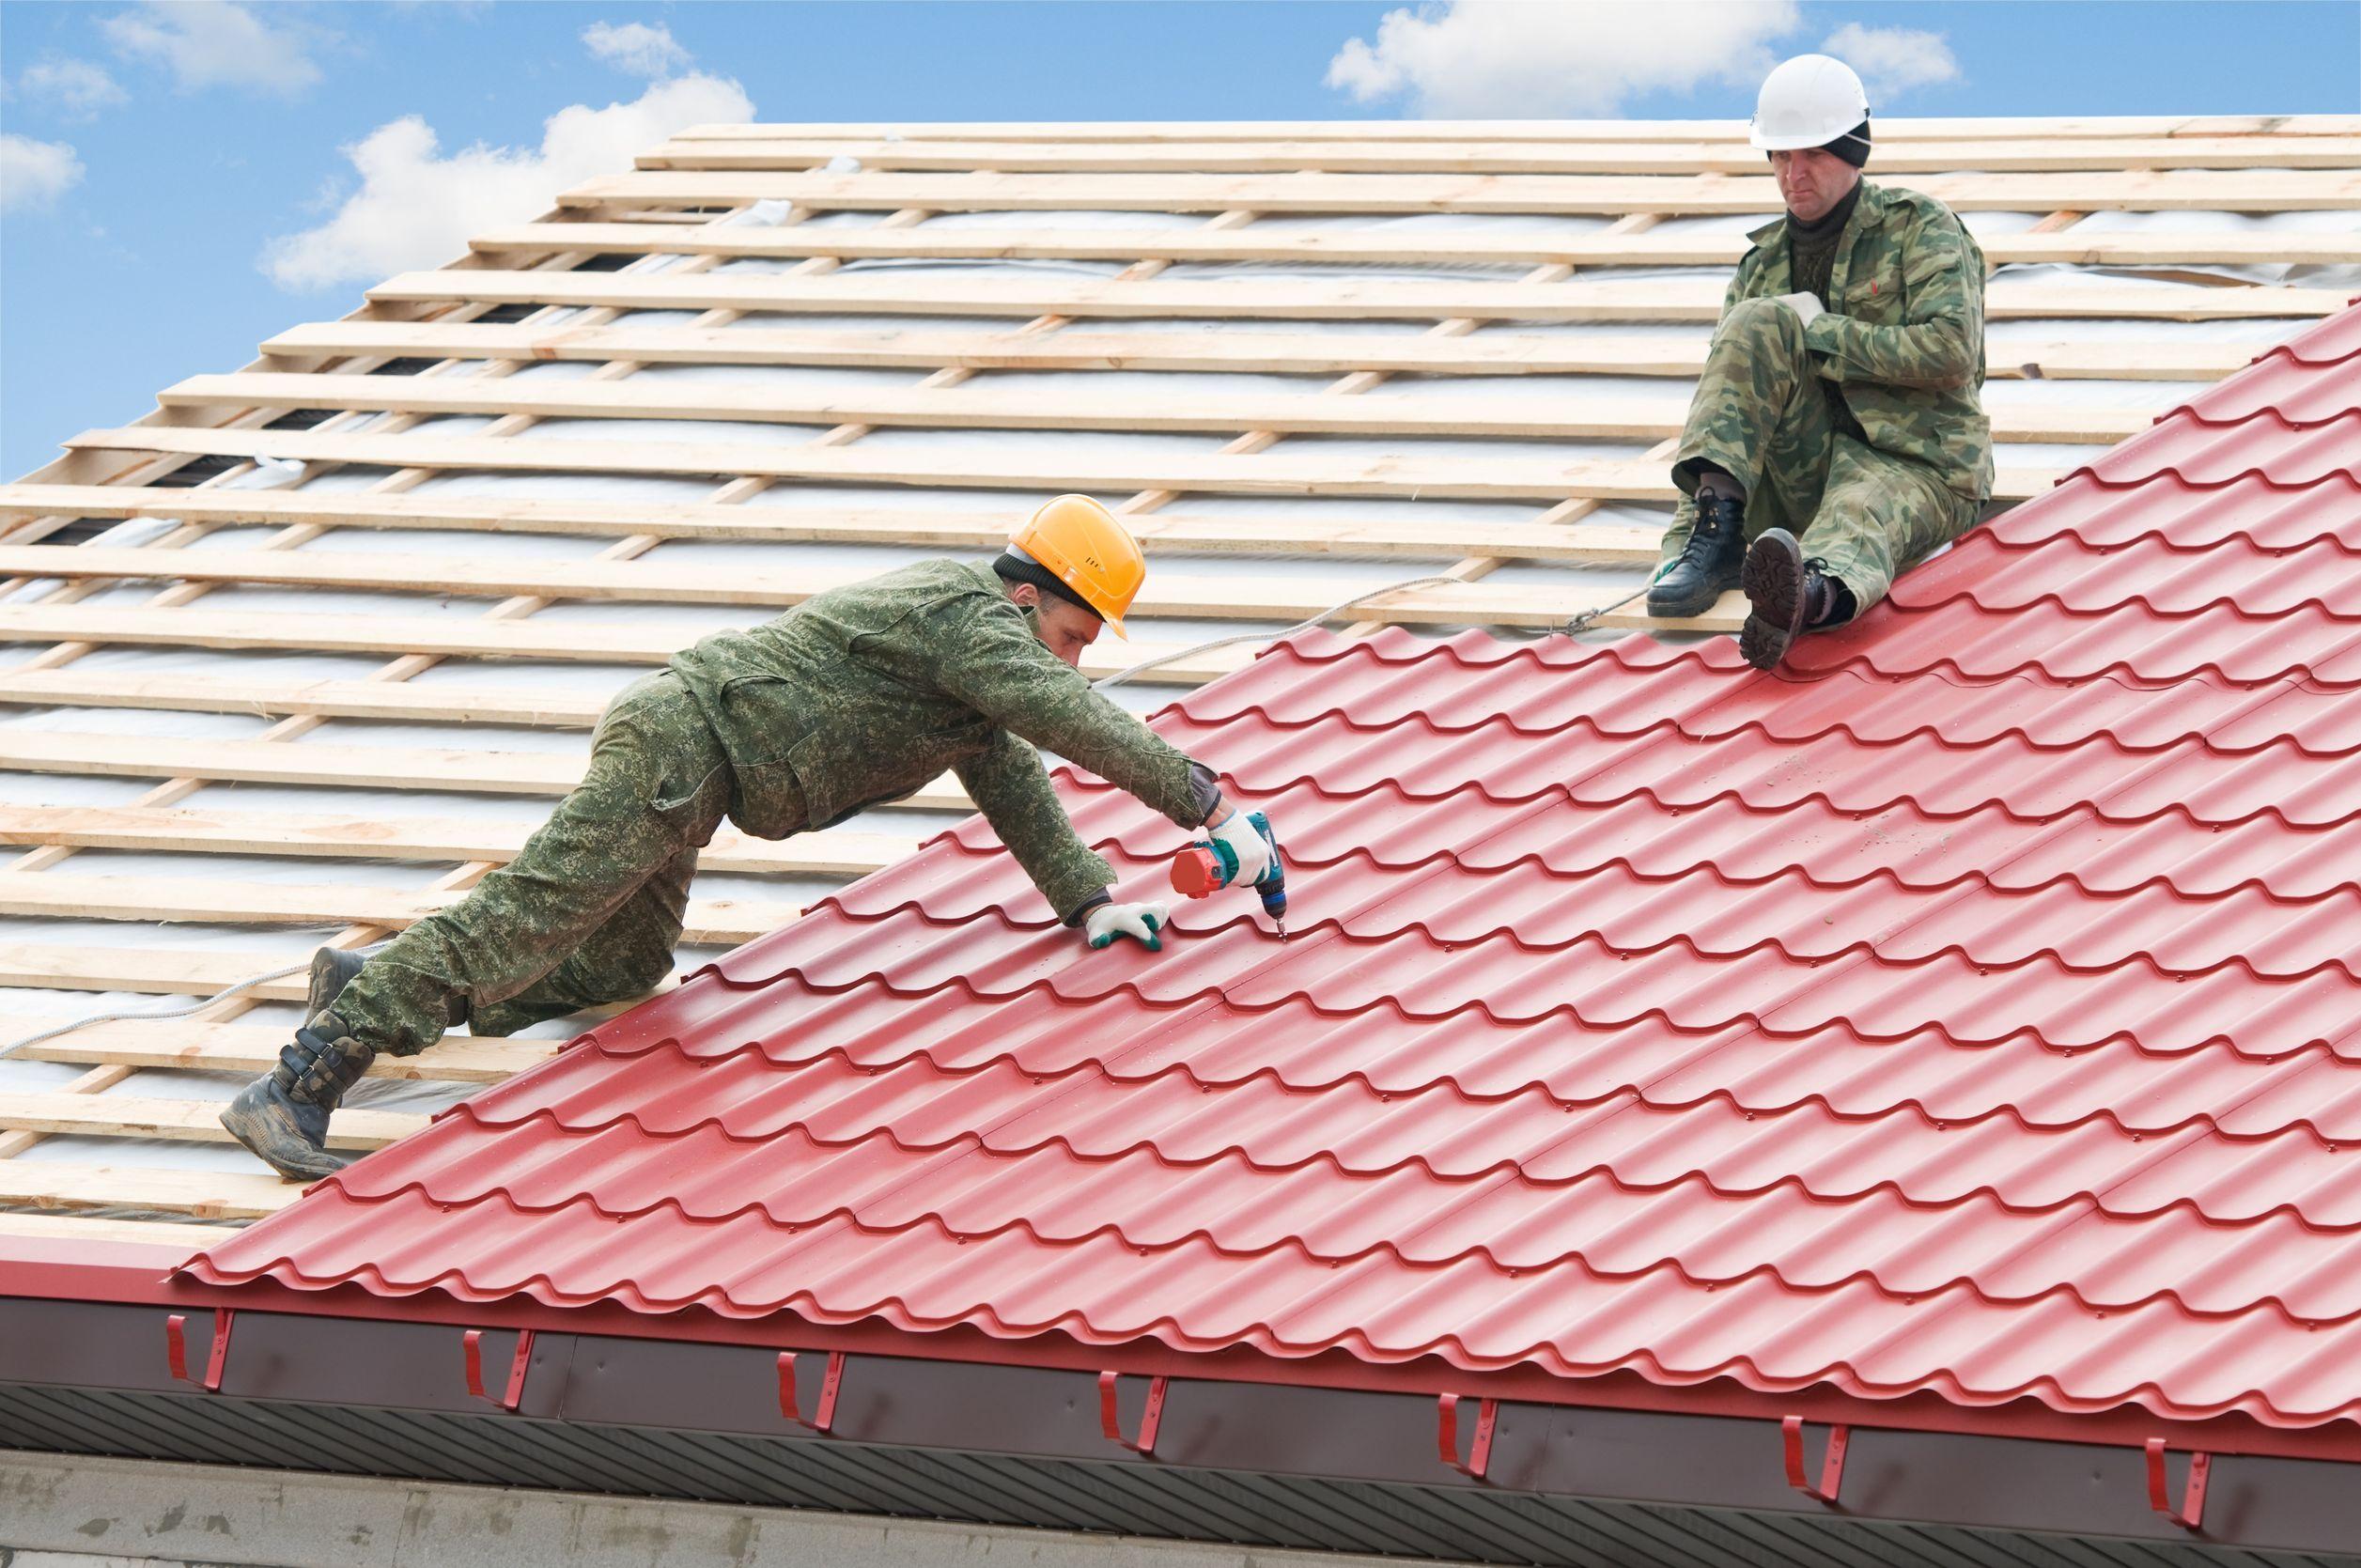 Roof Repair in Ft Worth